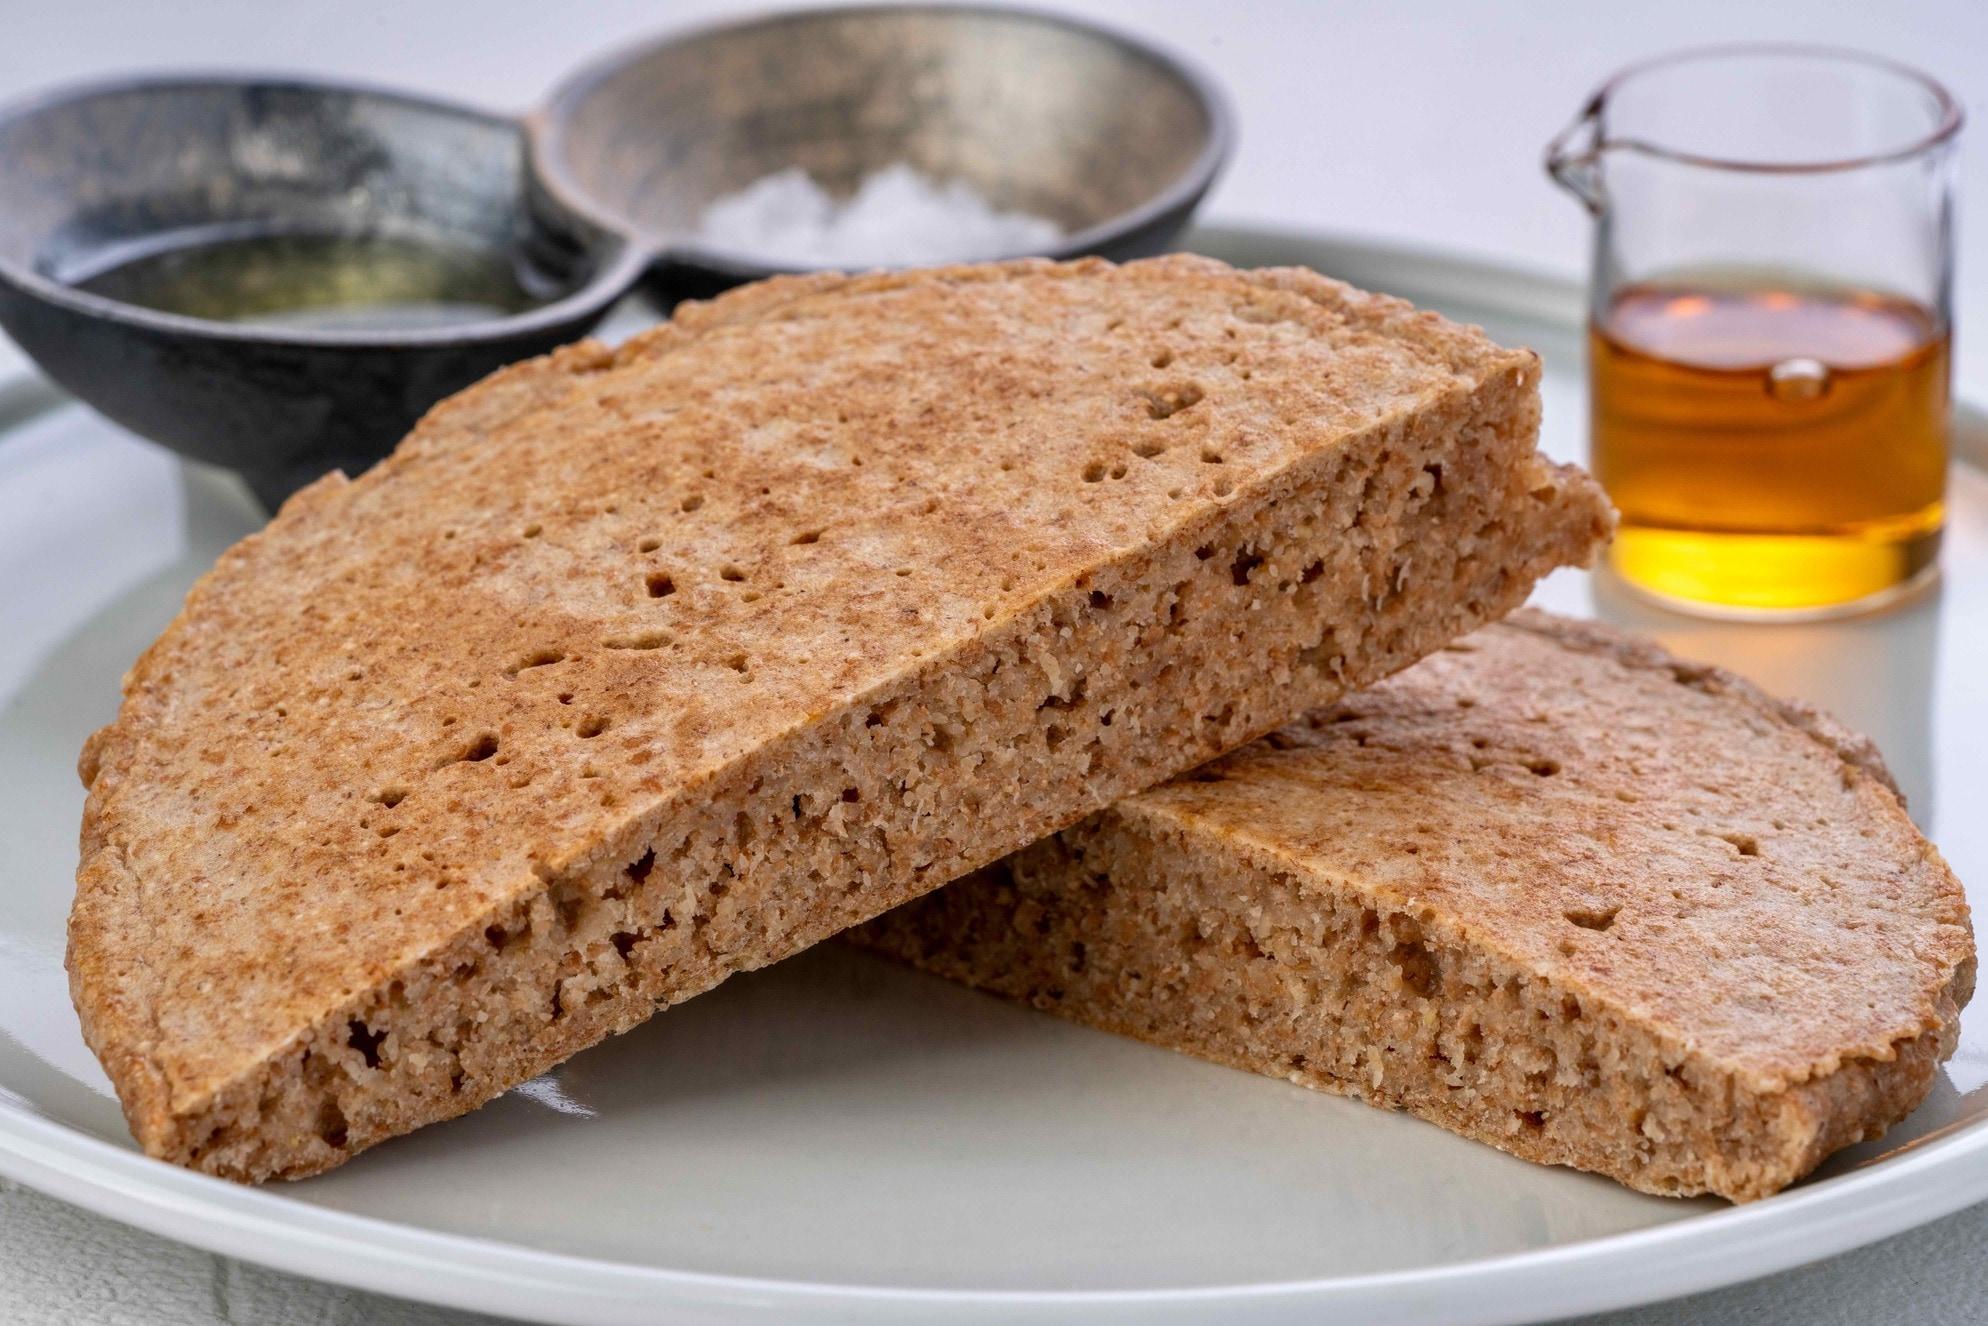 古代小麦のパンケーキミックスで作ったパンケーキのカットした断面